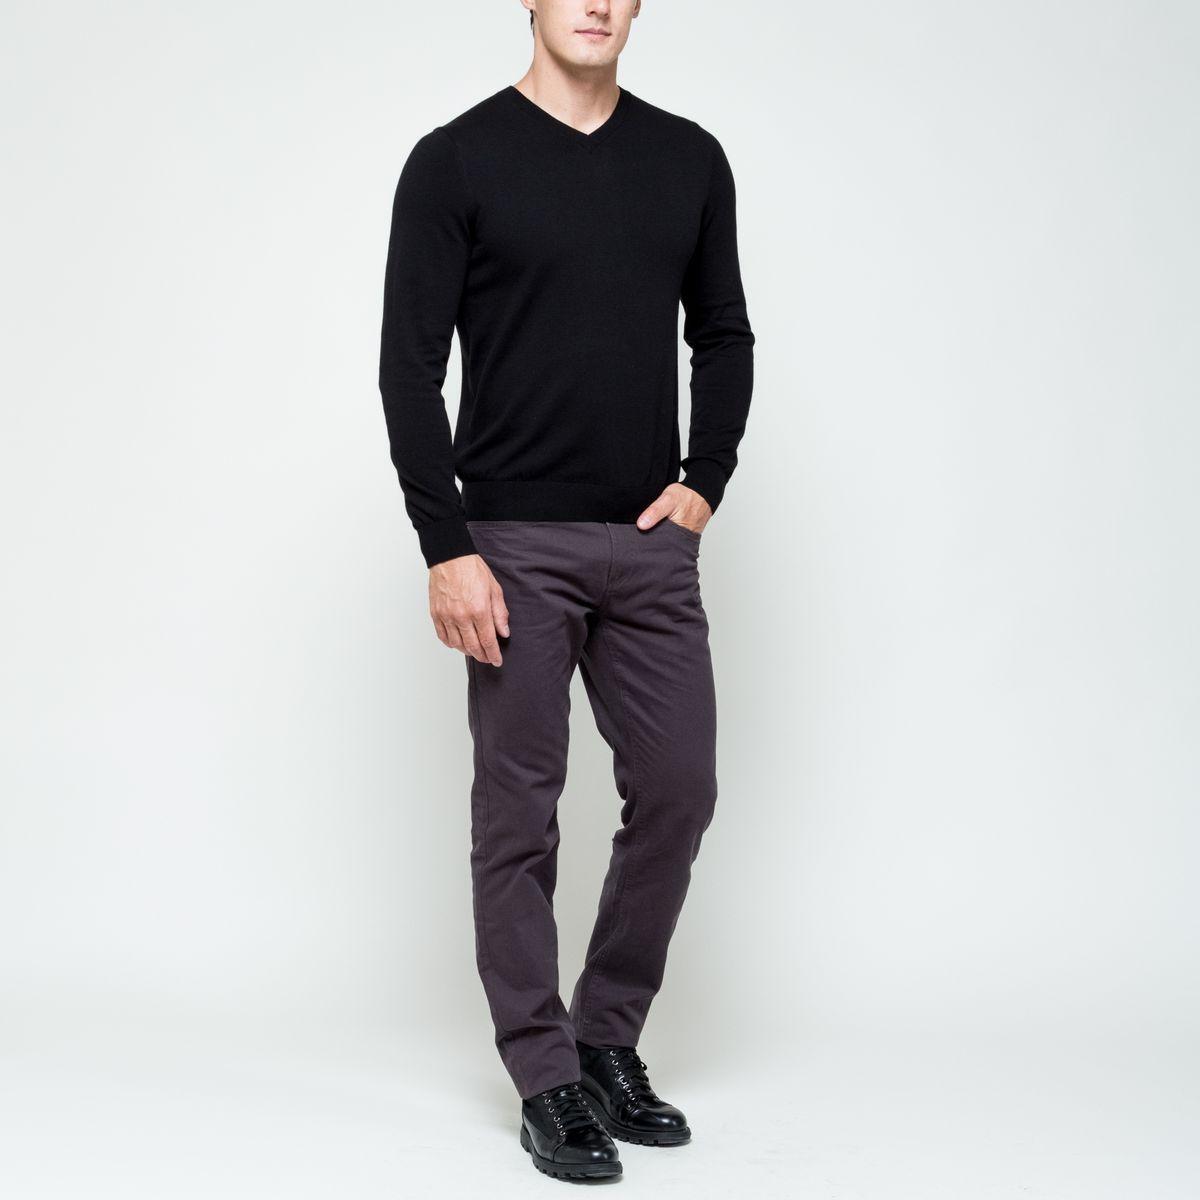 Пуловер мужской Sela Basic, цвет: черный. JR-214/1002-6352. Размер L (50)JR-214/1002-6352Модный мужской пуловер Sela Basicвыполнен из натурального хлопка. Модель с V-образным вырезом горловины идеально подойдет для создания современного образа в стиле Casual. Вырез горловины, манжеты рукавов и низ изделия связаны резинкой.